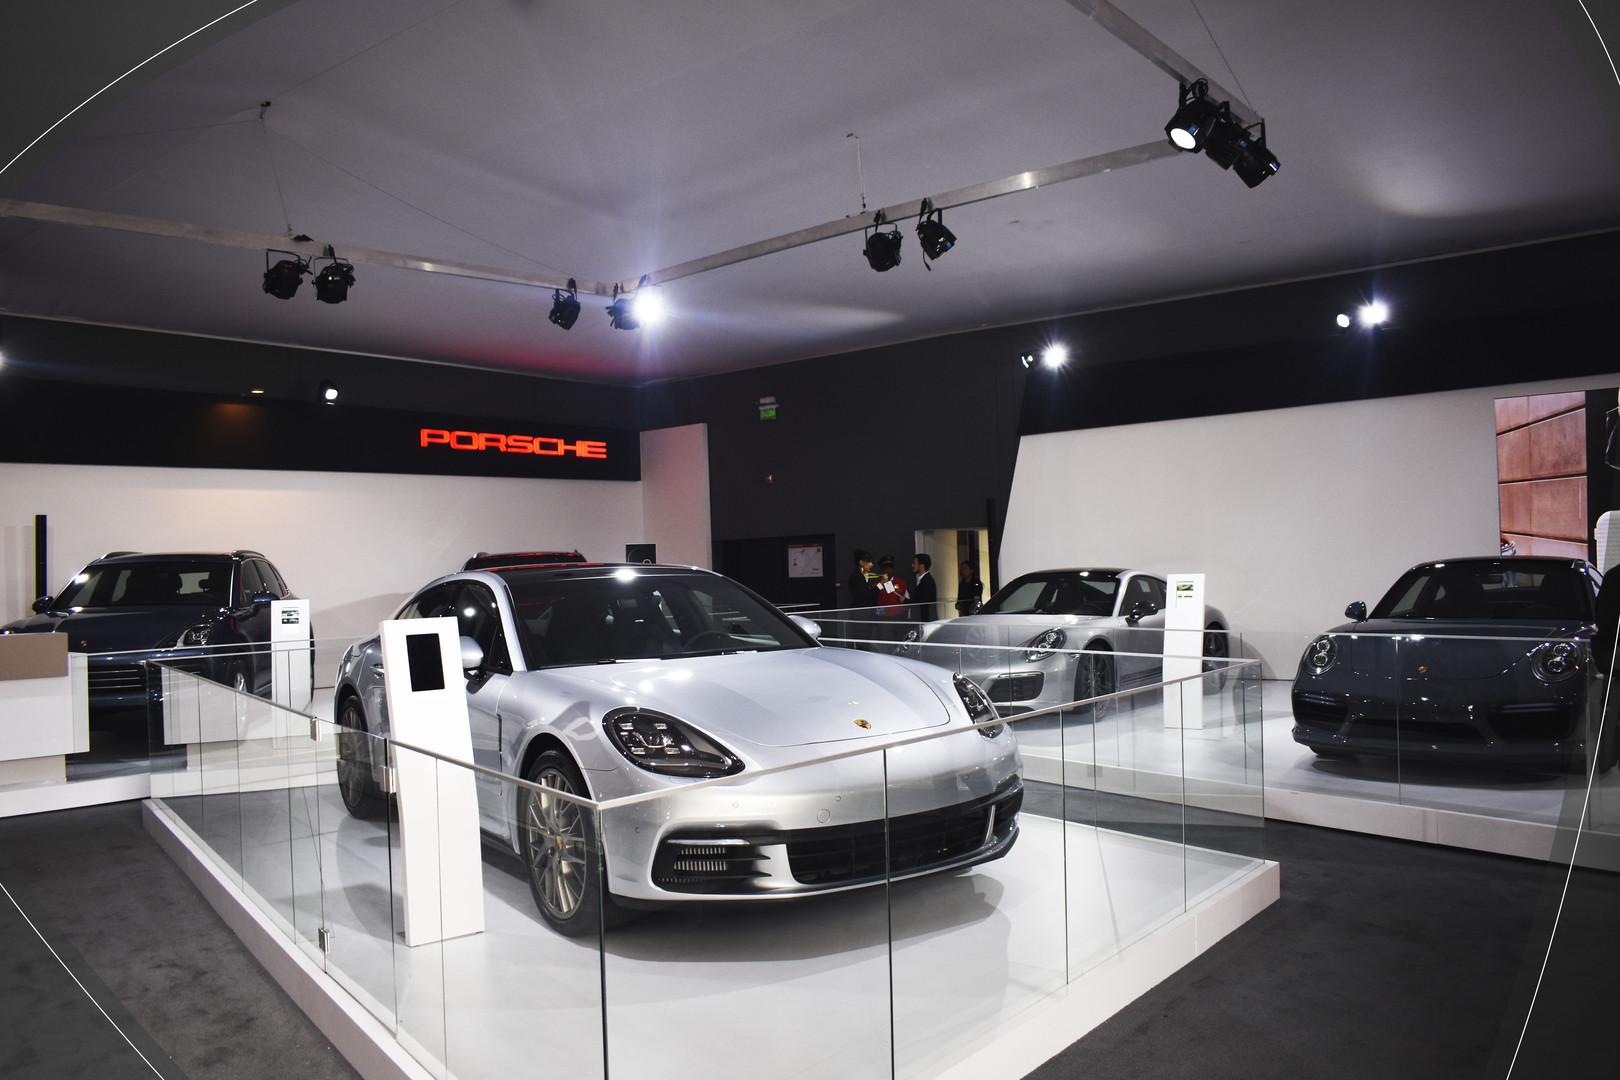 Porsche JPP_5047.JPG